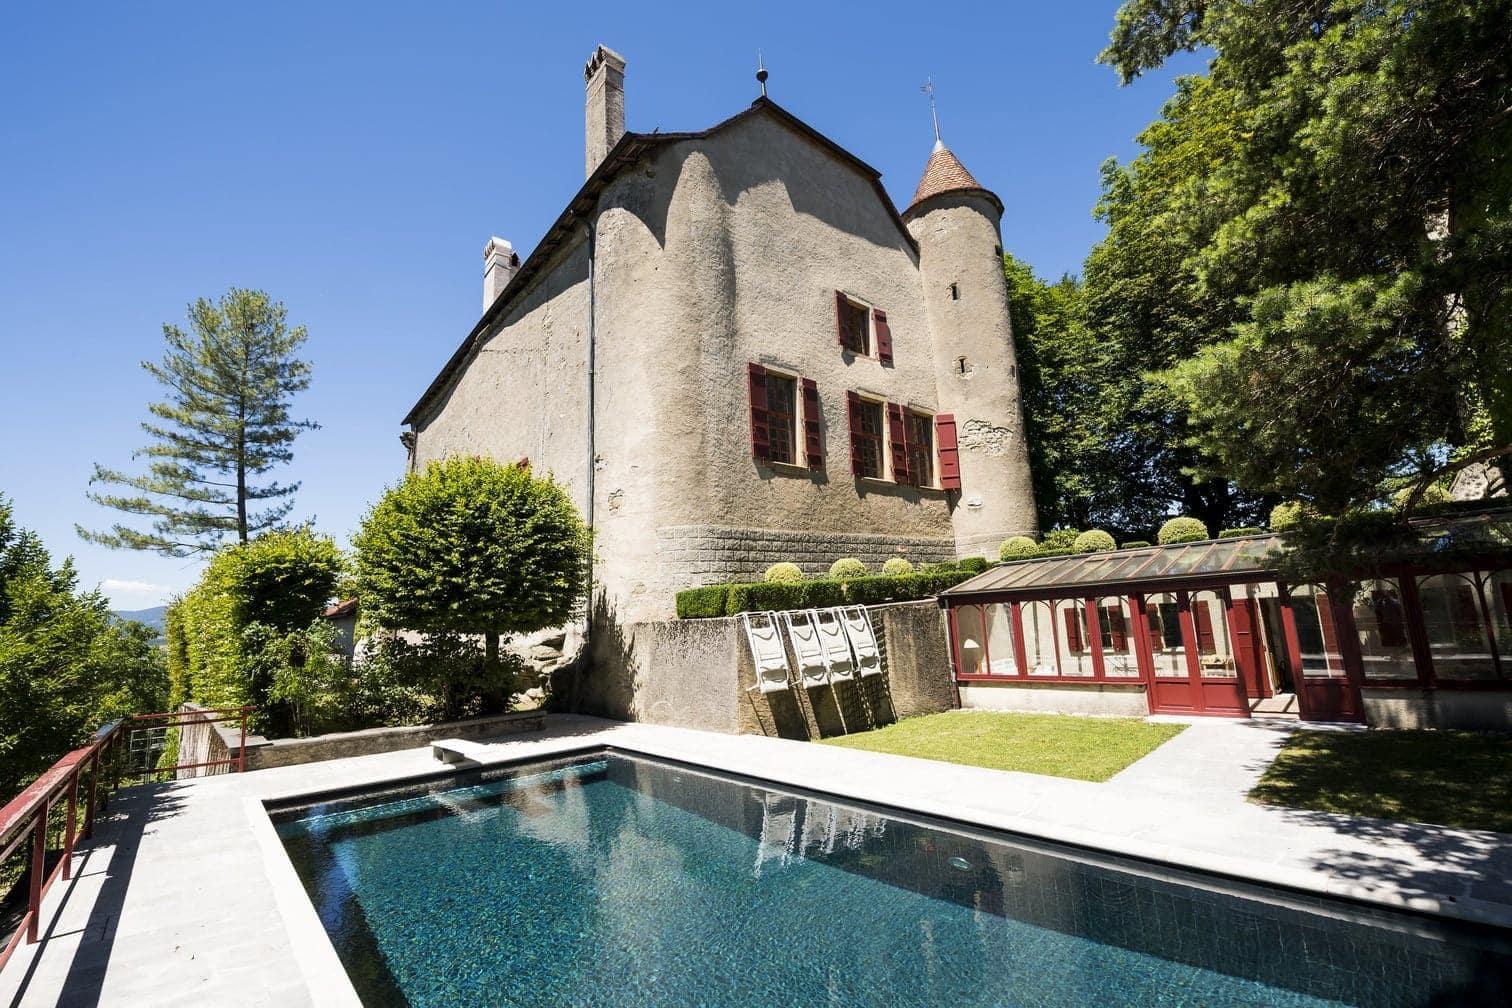 <p>Dieses Schloss sucht einen neuen Besitzer.</p> Foto: dpa